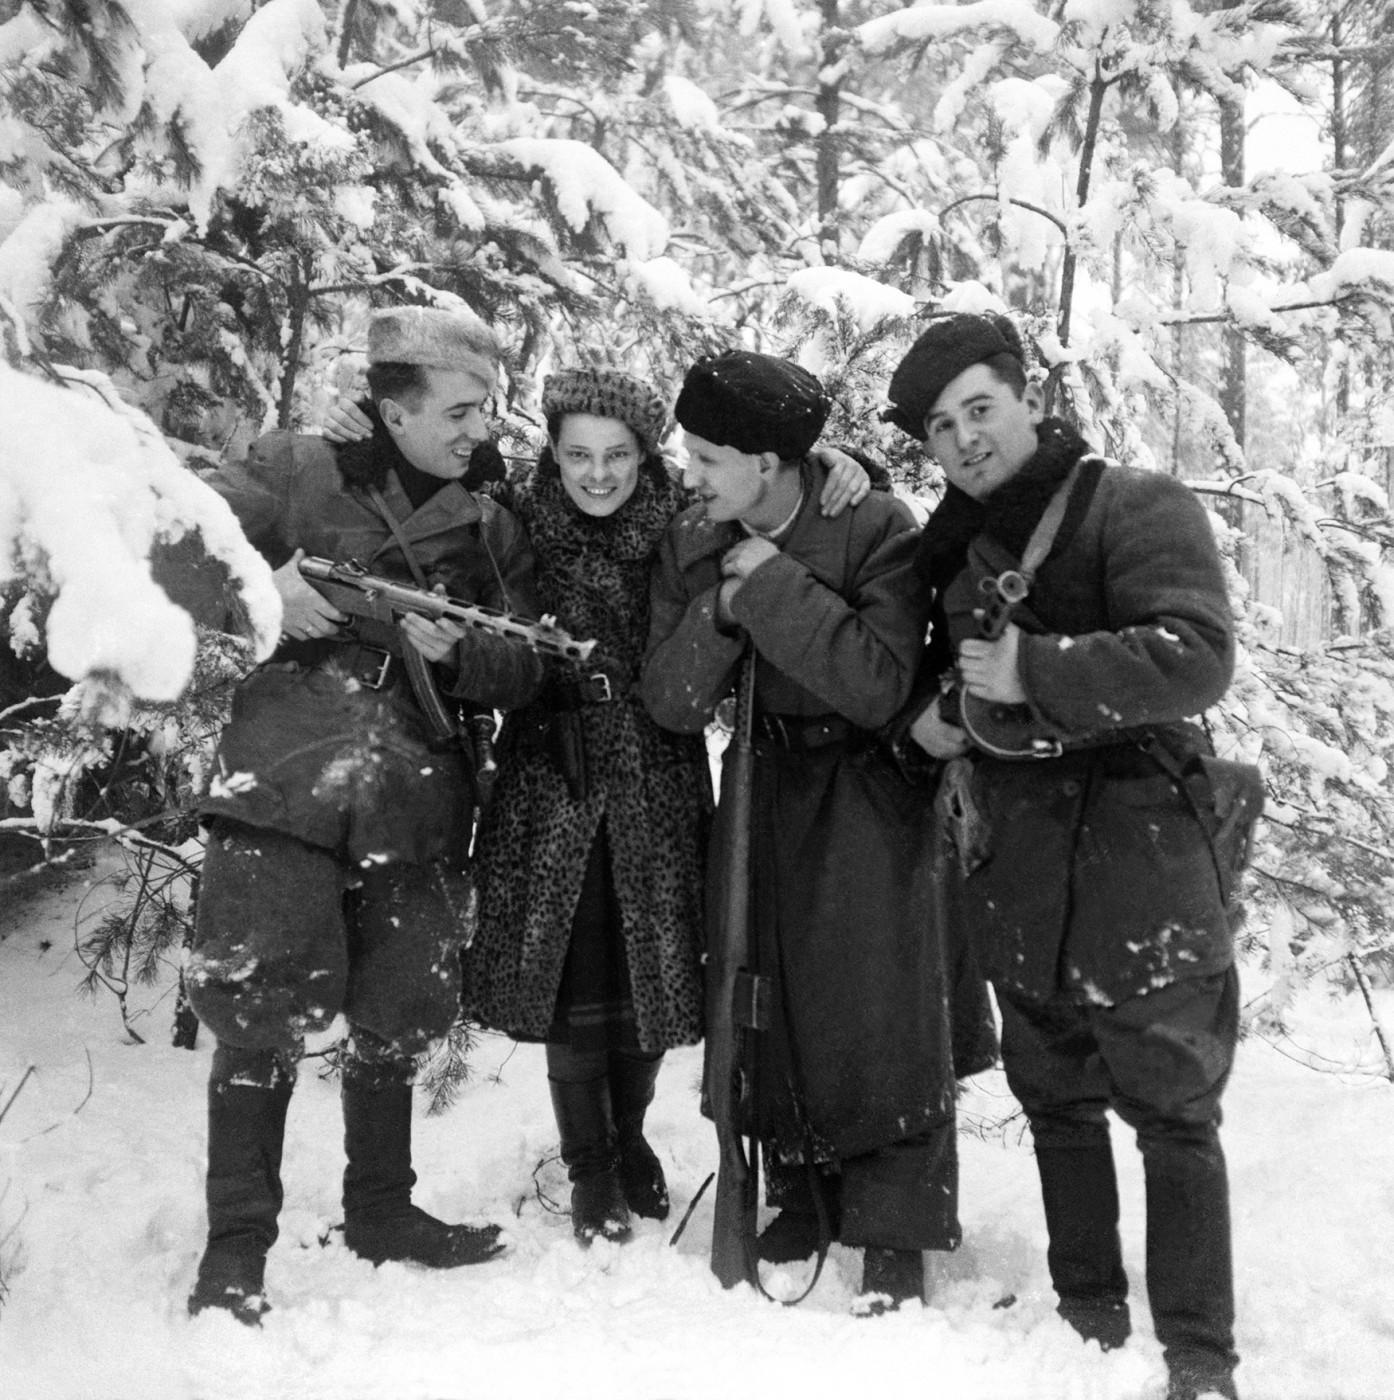 Faye Schulman (A Partisan's Memoir, Second Story Press), </span><span><em>Partisans in Forests near Lenin</em>, </span><span>1944